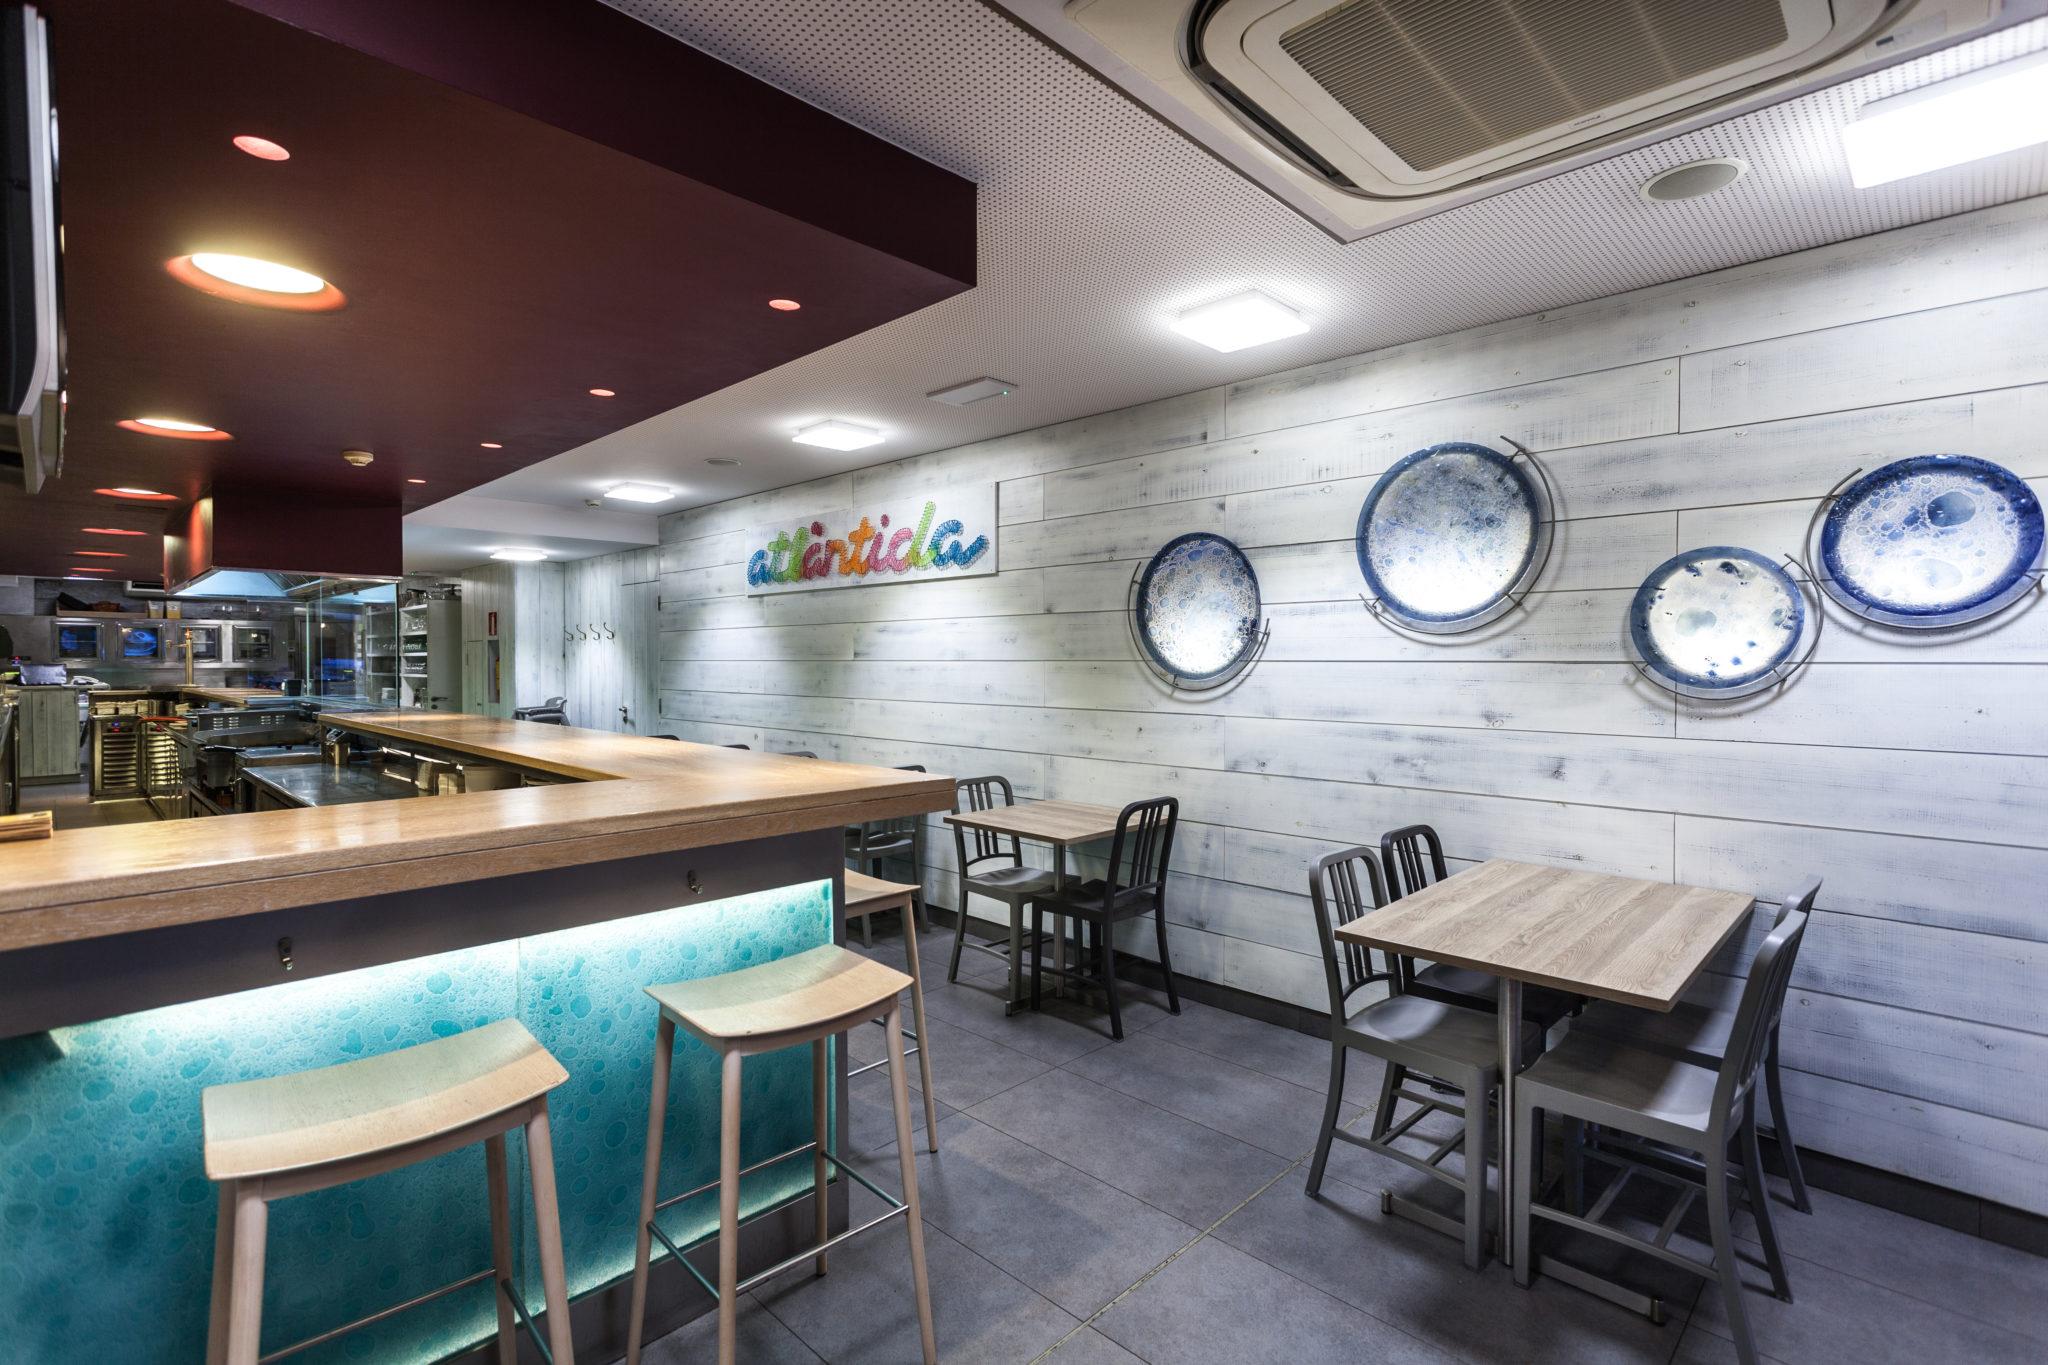 Restaurante Pizzeria Atlantida Vilassar de Mar - Interior diseñado por Rosa Colet. Detalle Barra y Mesas. Sillas Emeco.